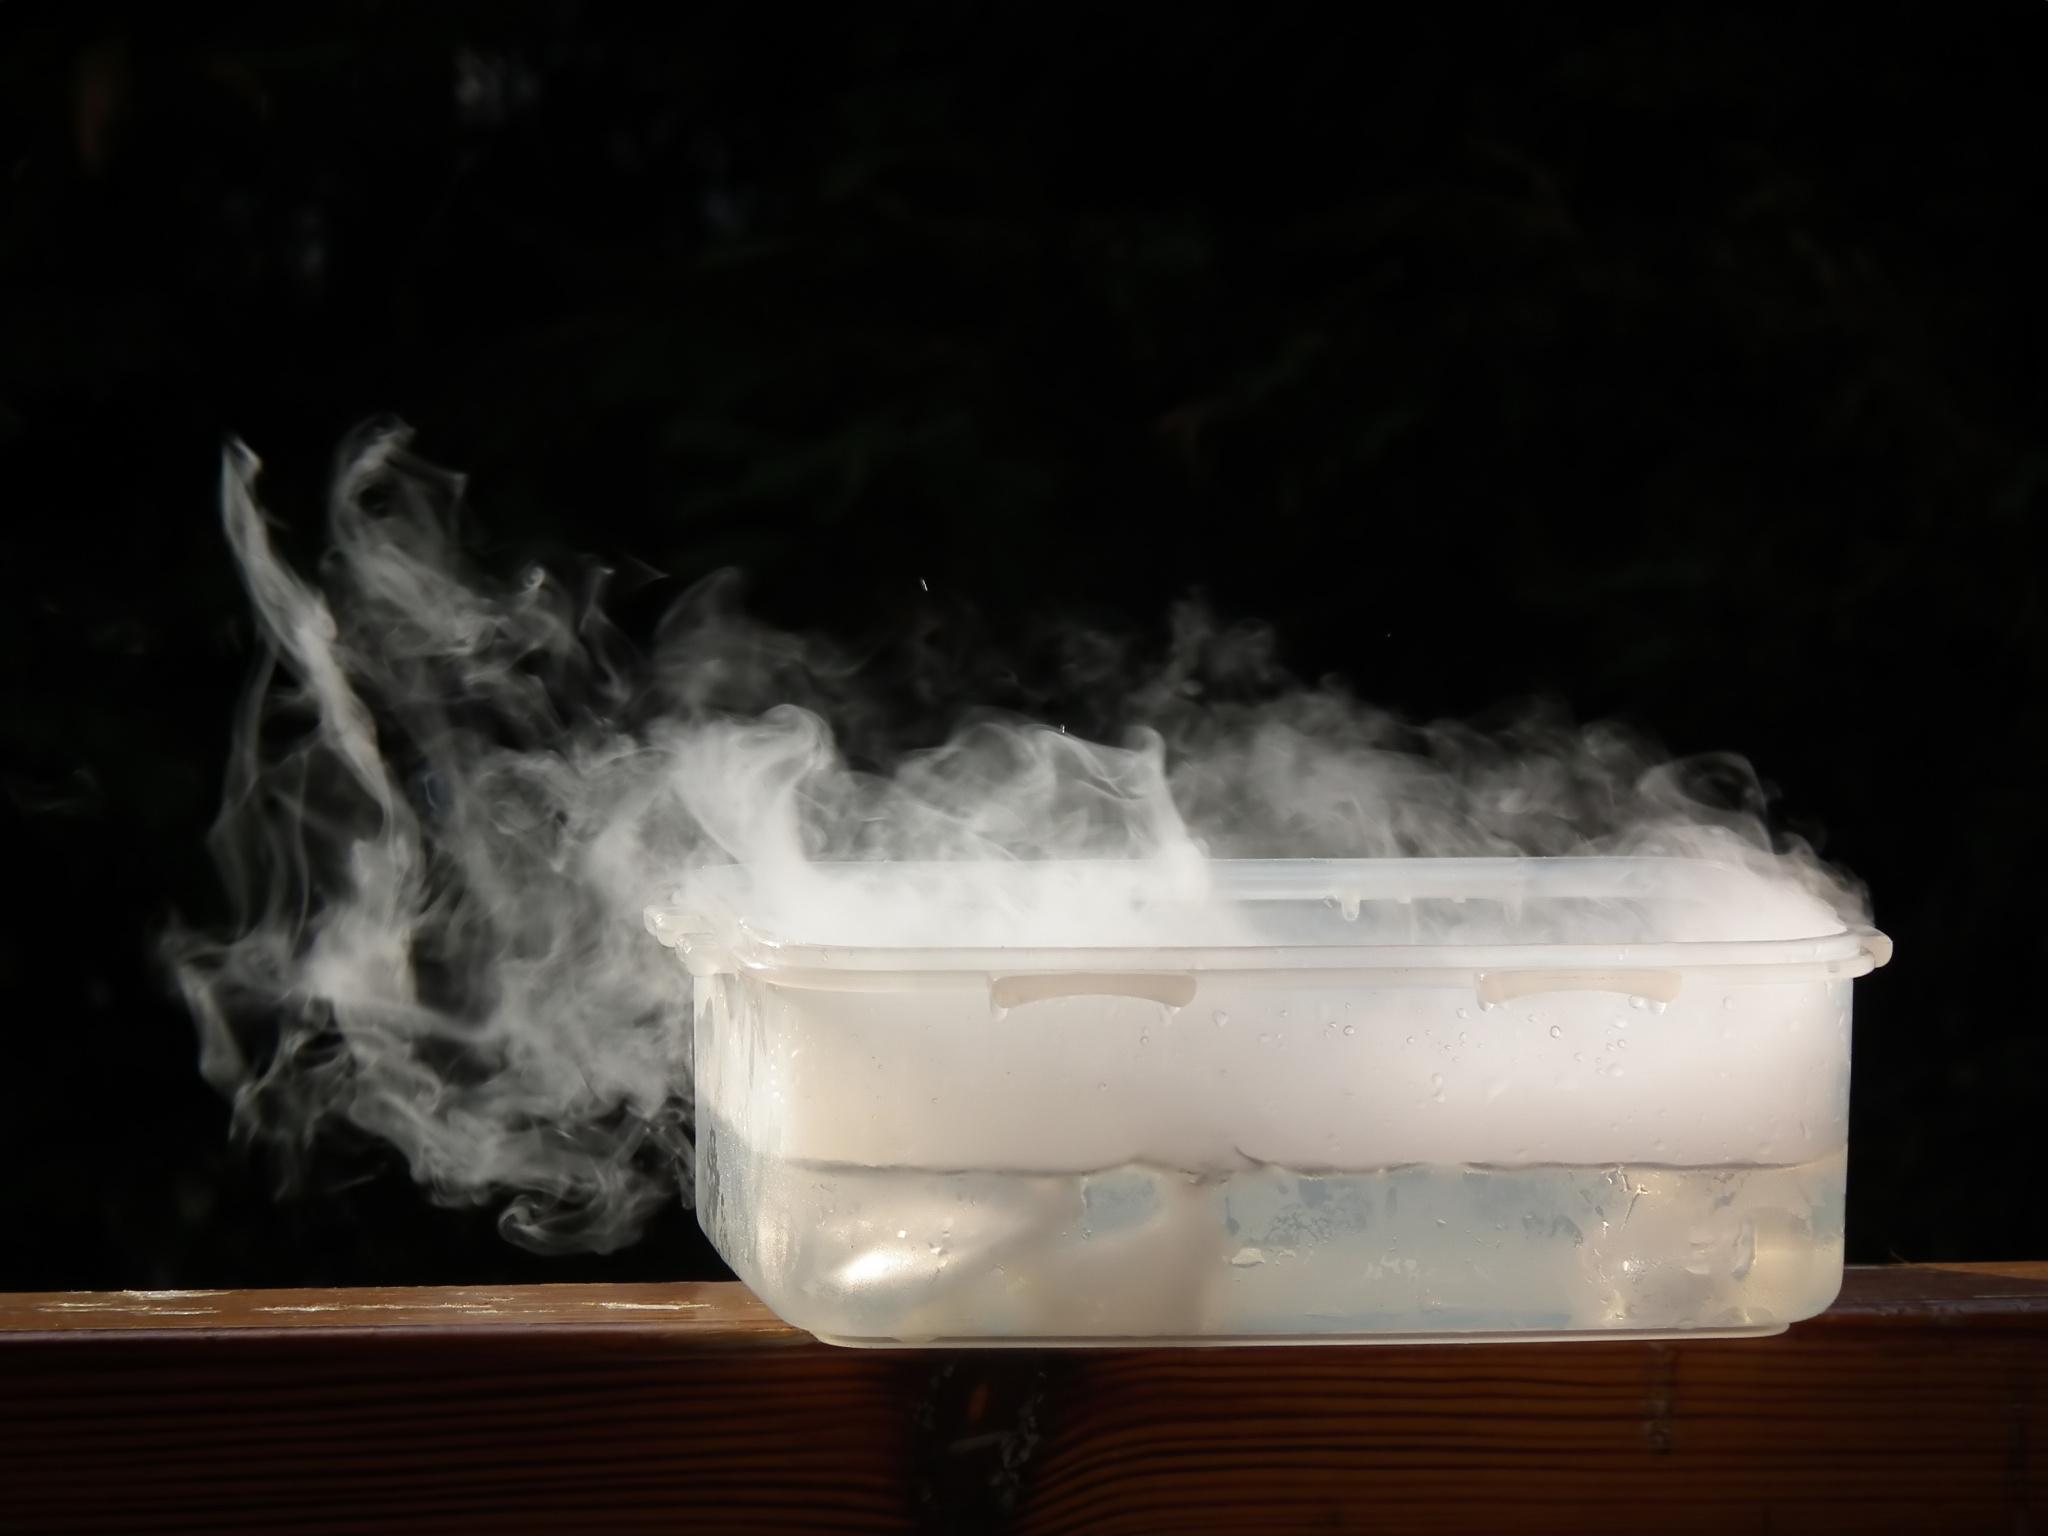 لماذا يتسبب الجليد الجاف بالحروق؟ - هل يمكن للجليد الجفاف التسبب بحروق الجلد؟ - كيف لشيء جليدي شديد البرودة أن يحرق شخصًا ما؟